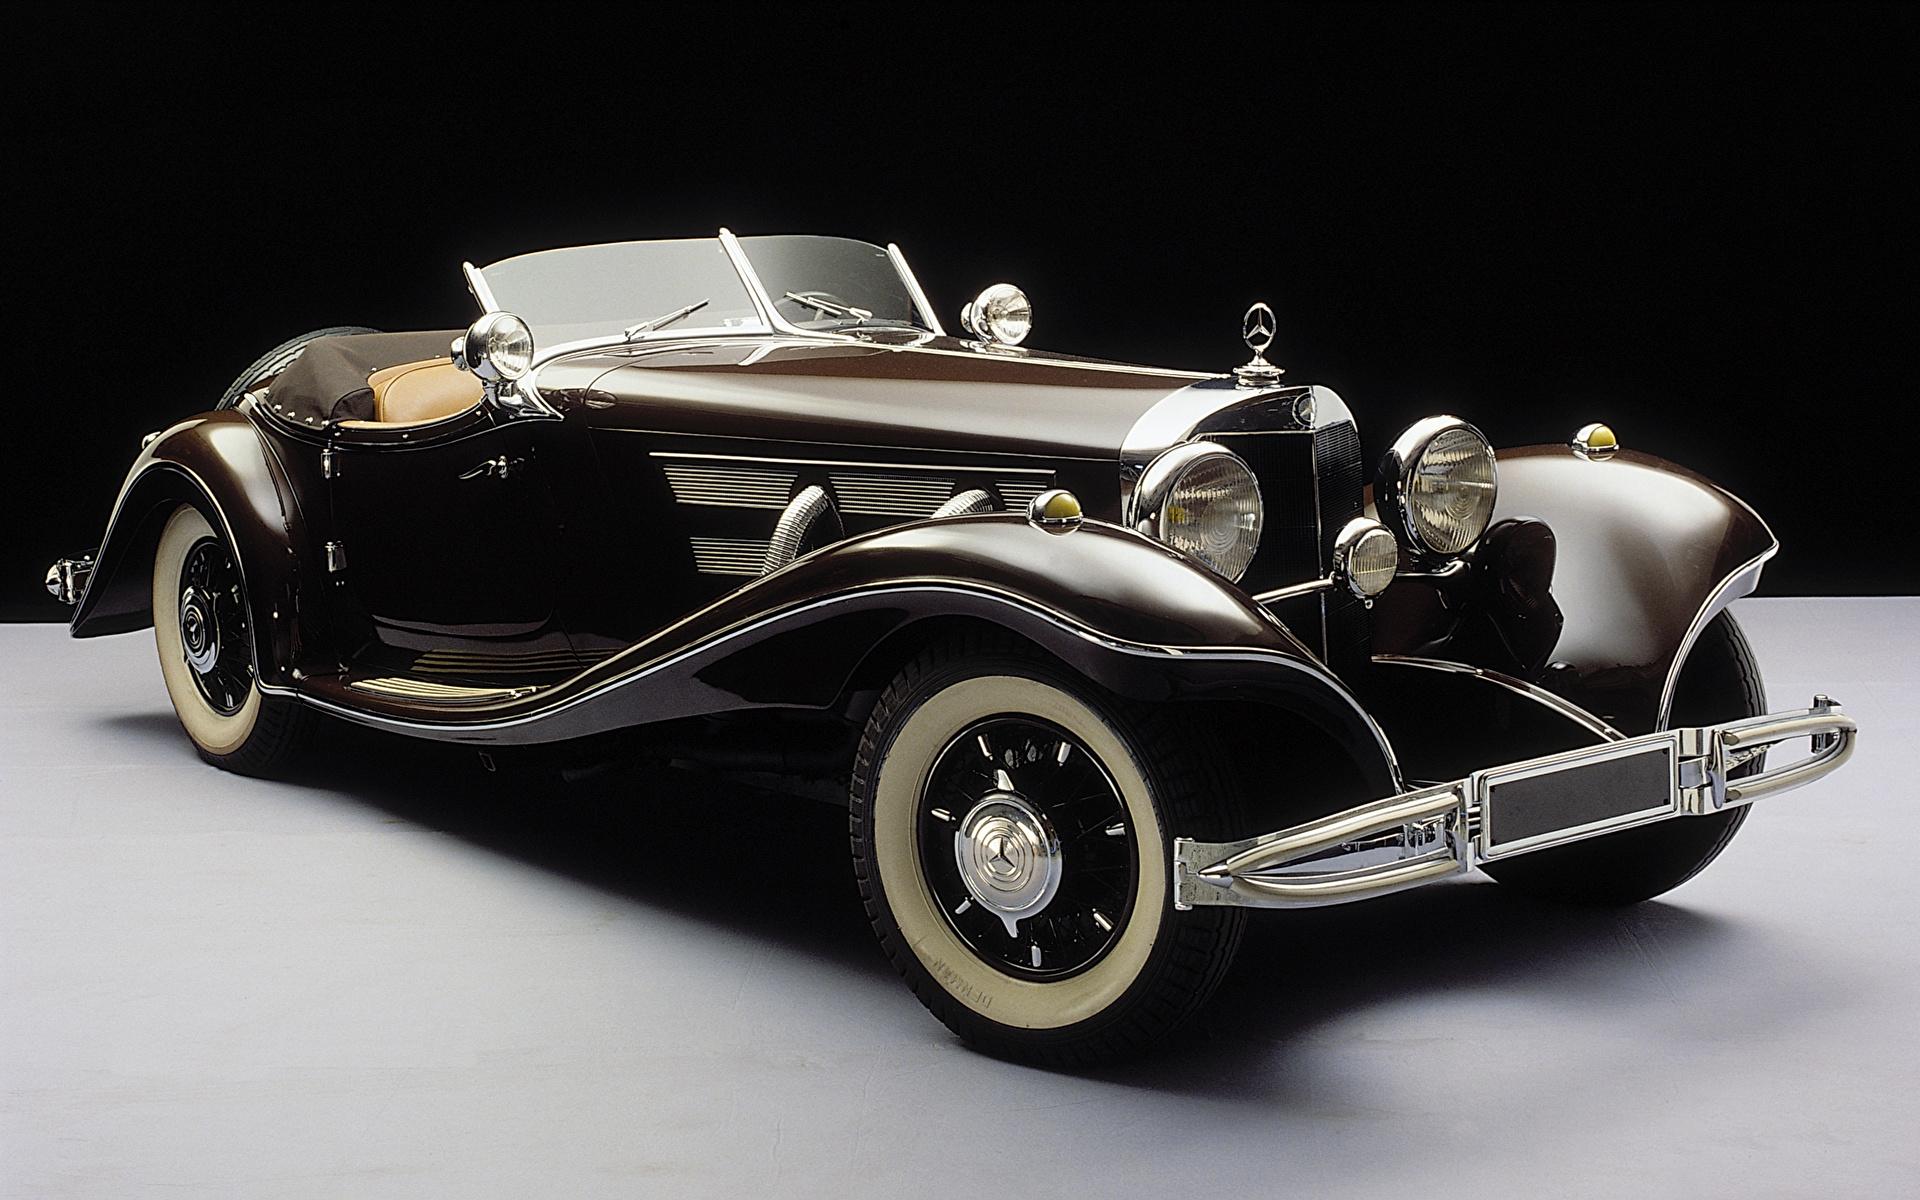 Фото Mercedes-Benz 1935-36 500K Roadster Родстер Кабриолет Ретро Автомобили 1920x1200 Мерседес бенц кабриолета винтаж старинные авто машина машины автомобиль